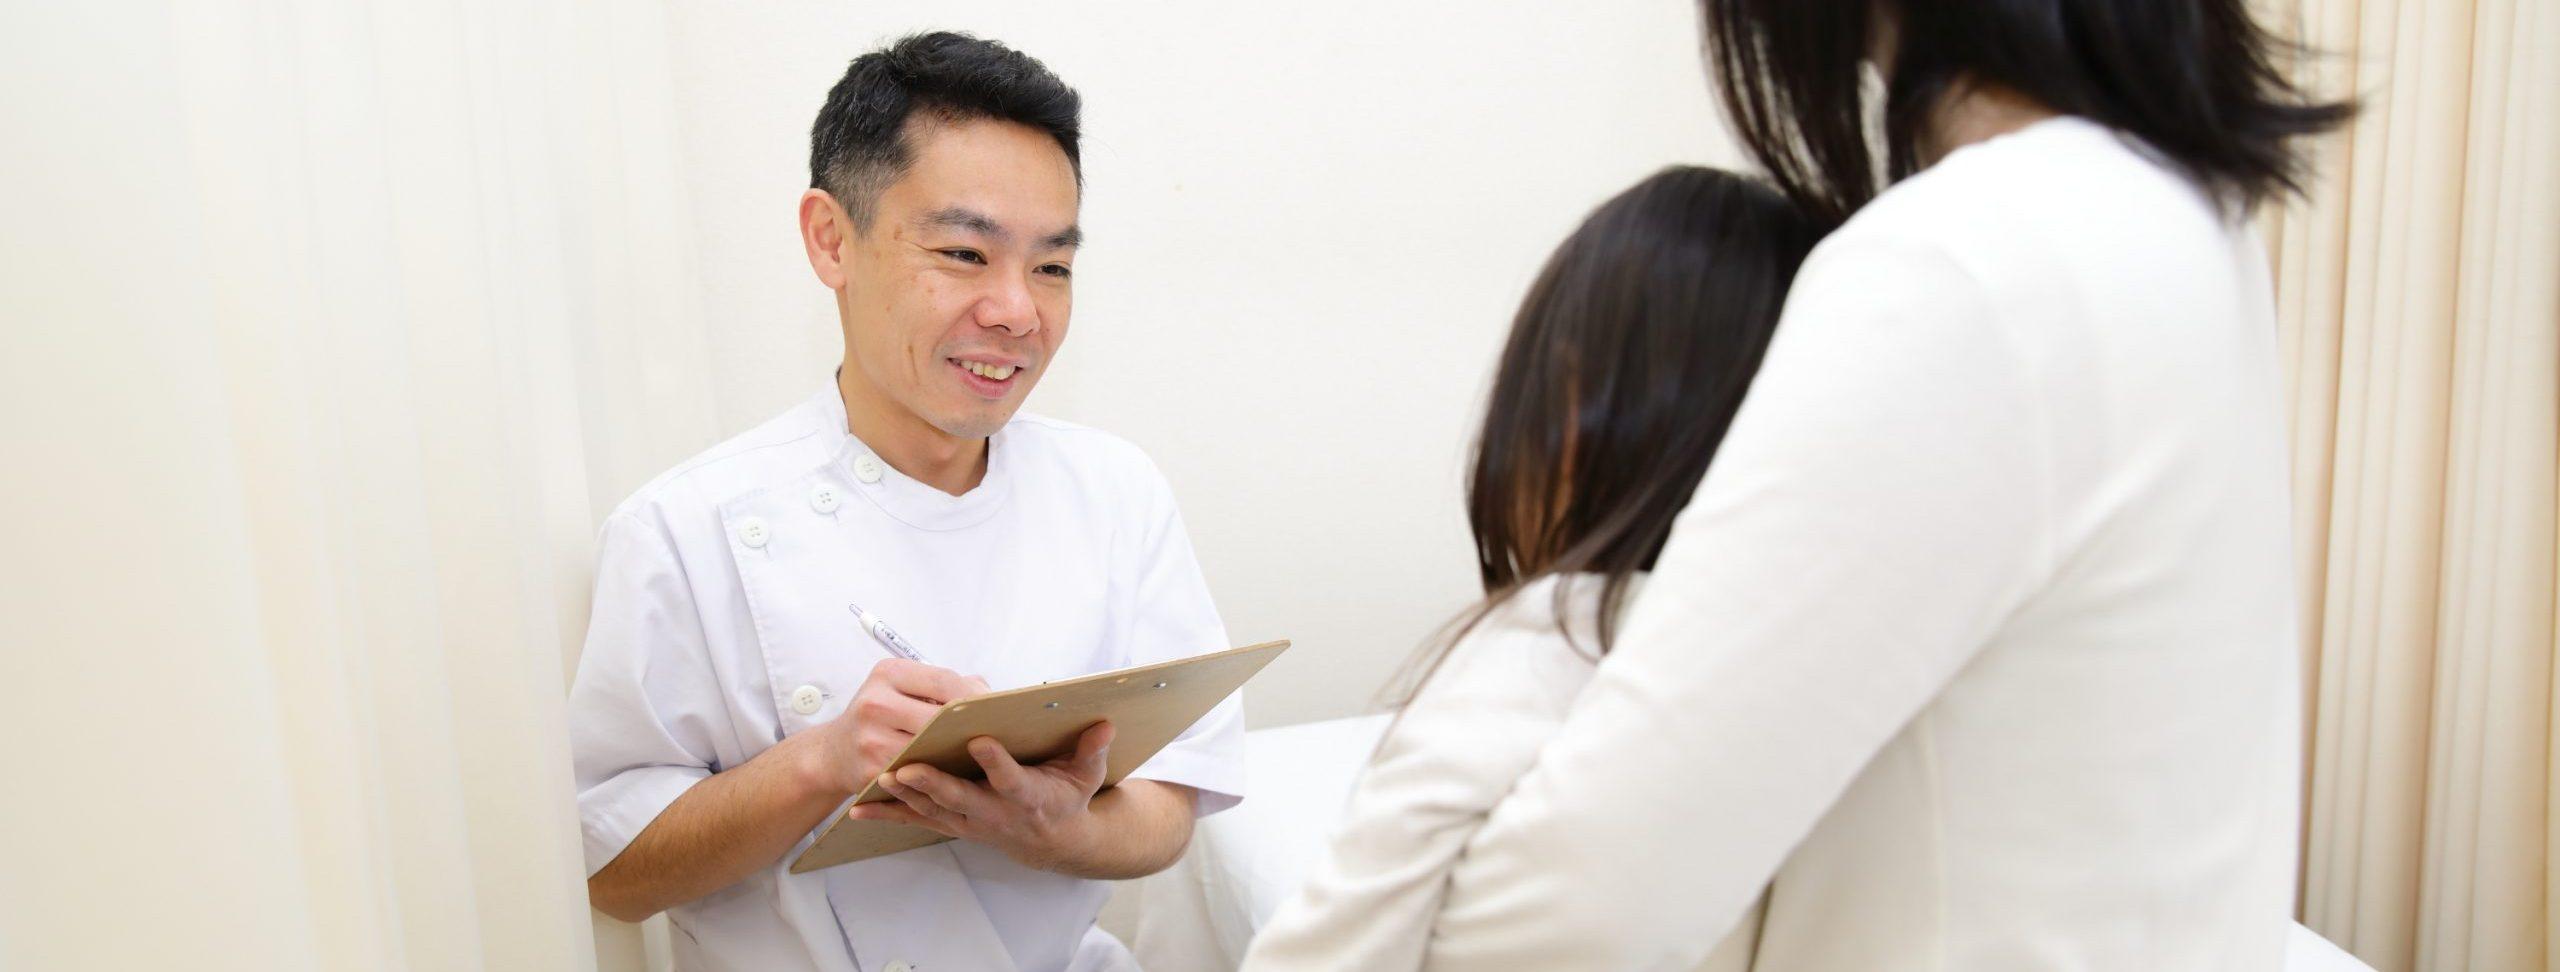 戸田市で首・肩こりの症状改善は、まつなが接骨院